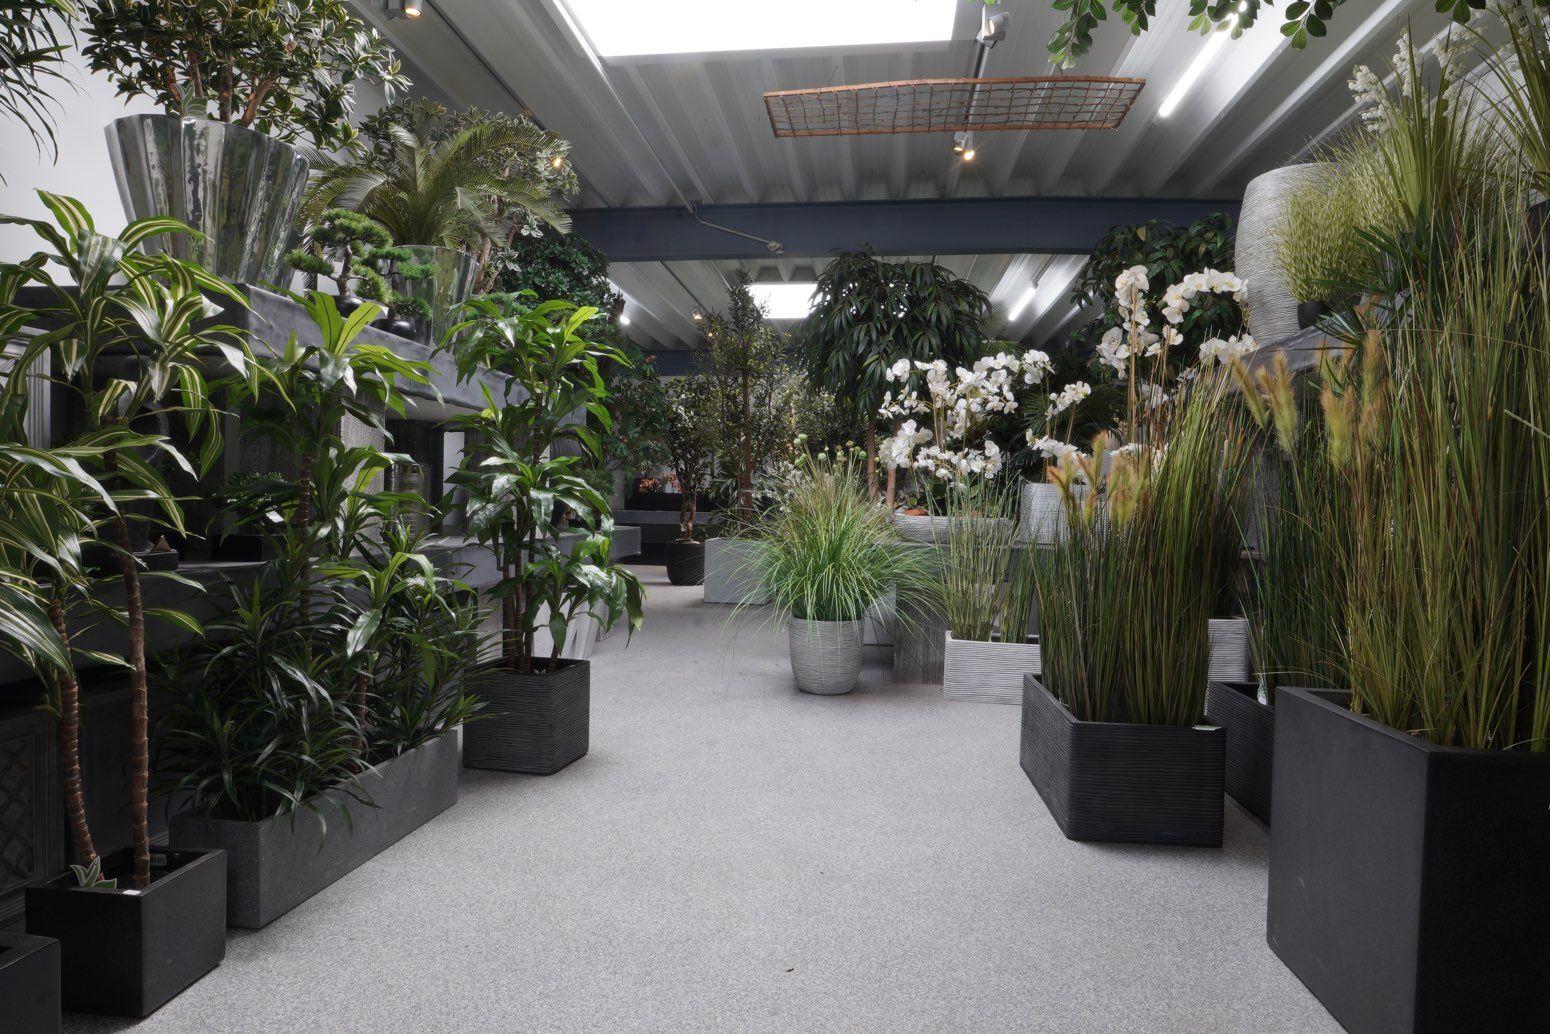 Kunstpflanzen Von Bellaplanta Wetterfest Unikate Innovative